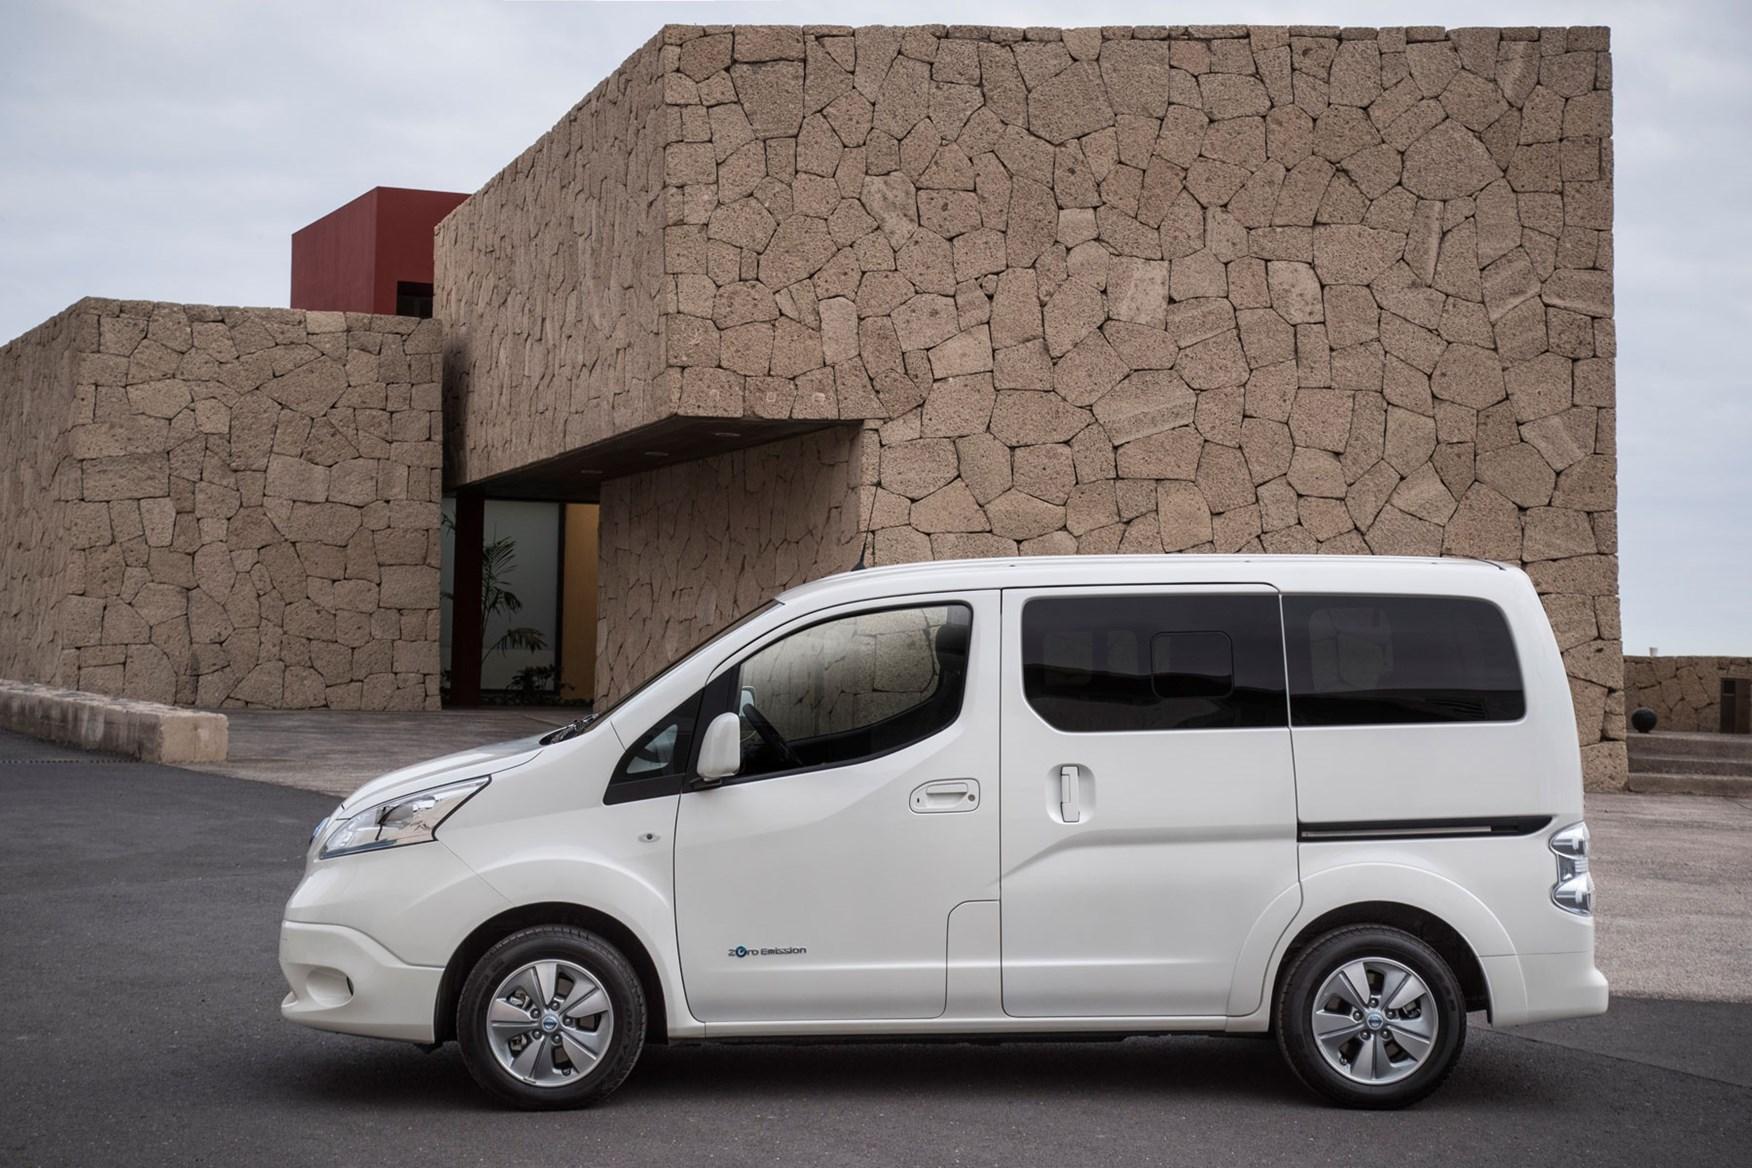 Nissan e-NV200 review, 2020, white, Evalia